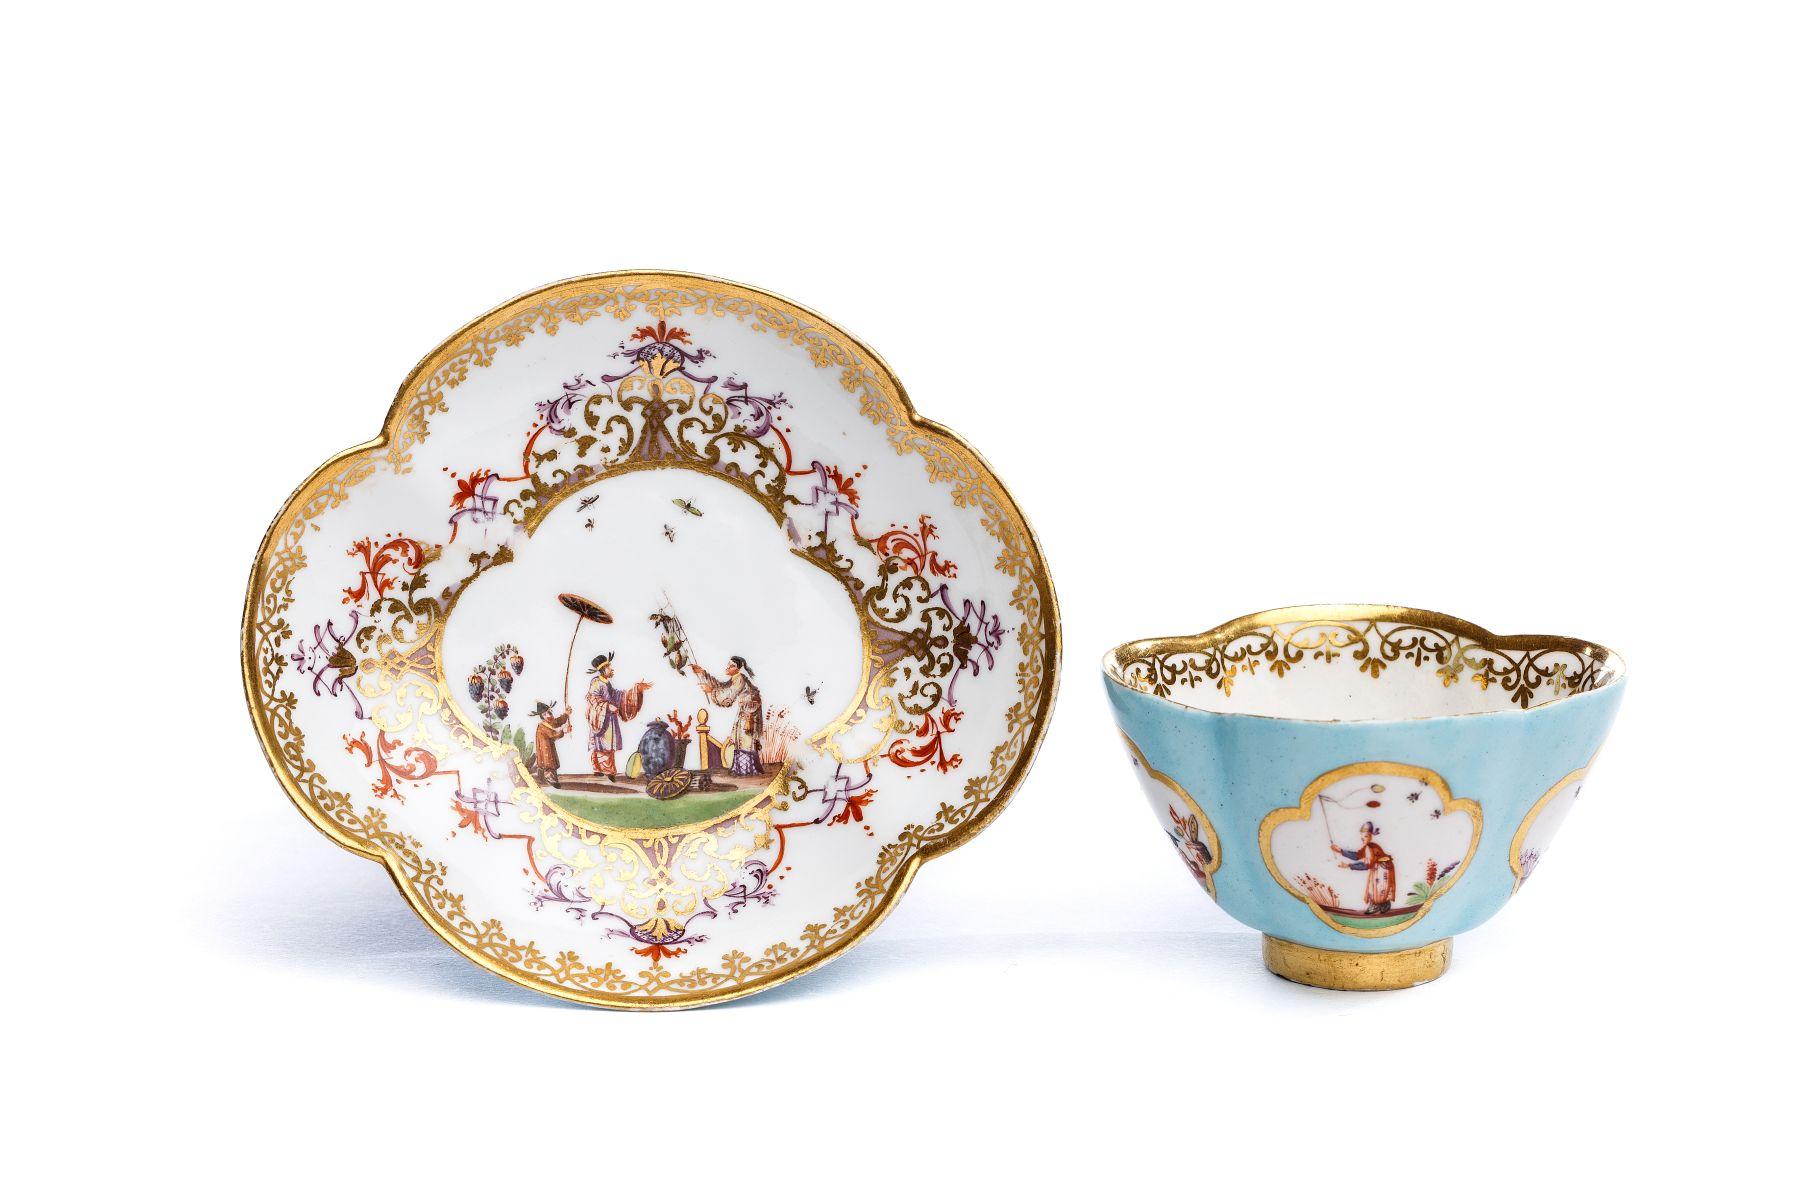 #27 Bowl with saucer, Meissen 1720/30 | Koppchen mit Unterschale, Meissen 1720/30 Image